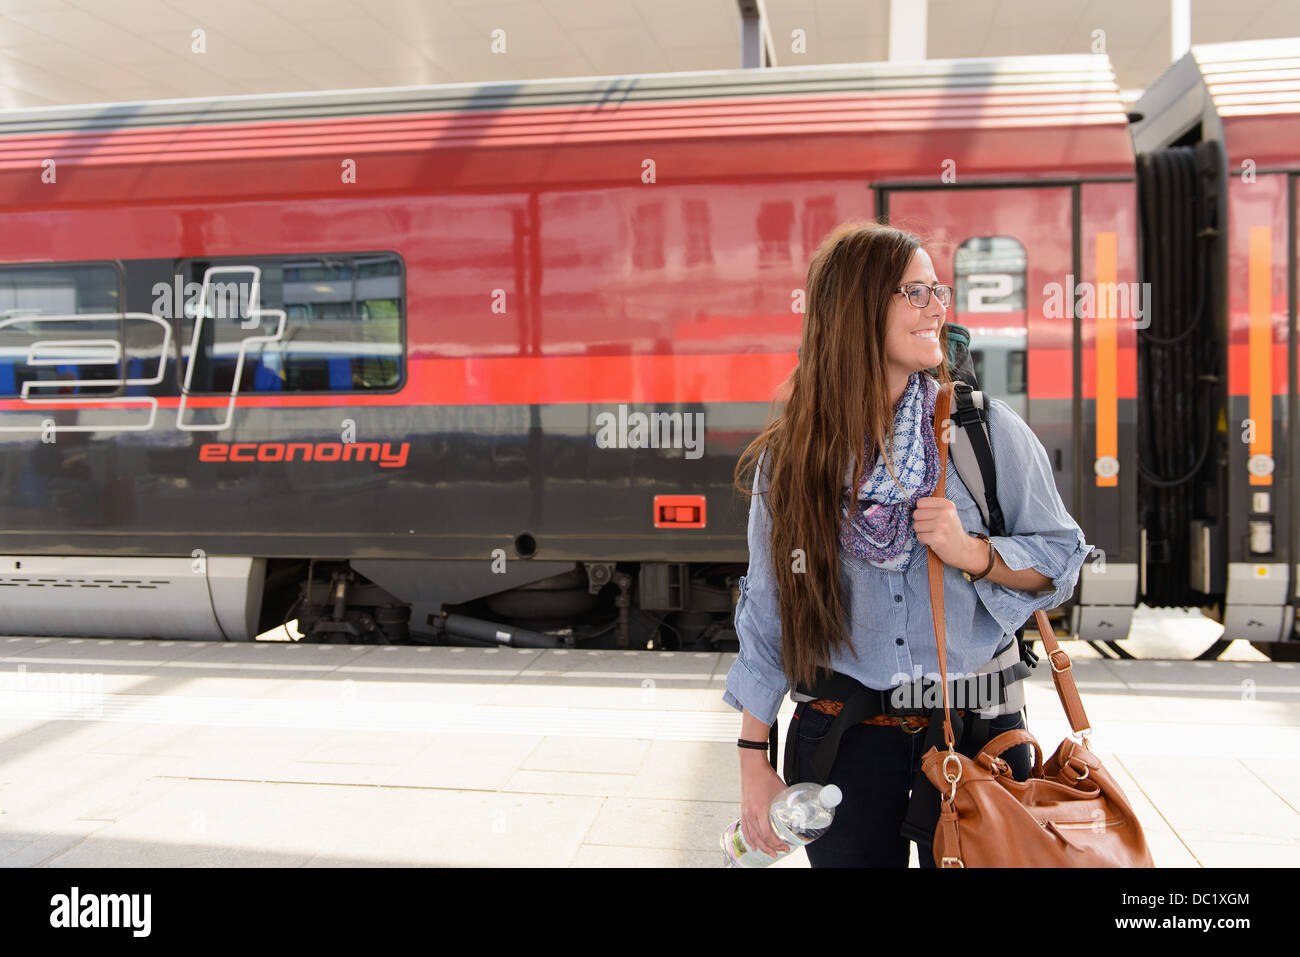 Weibliche Backpacker Ankunft im Bahnhof, Salzburg, Österreich Stockbild